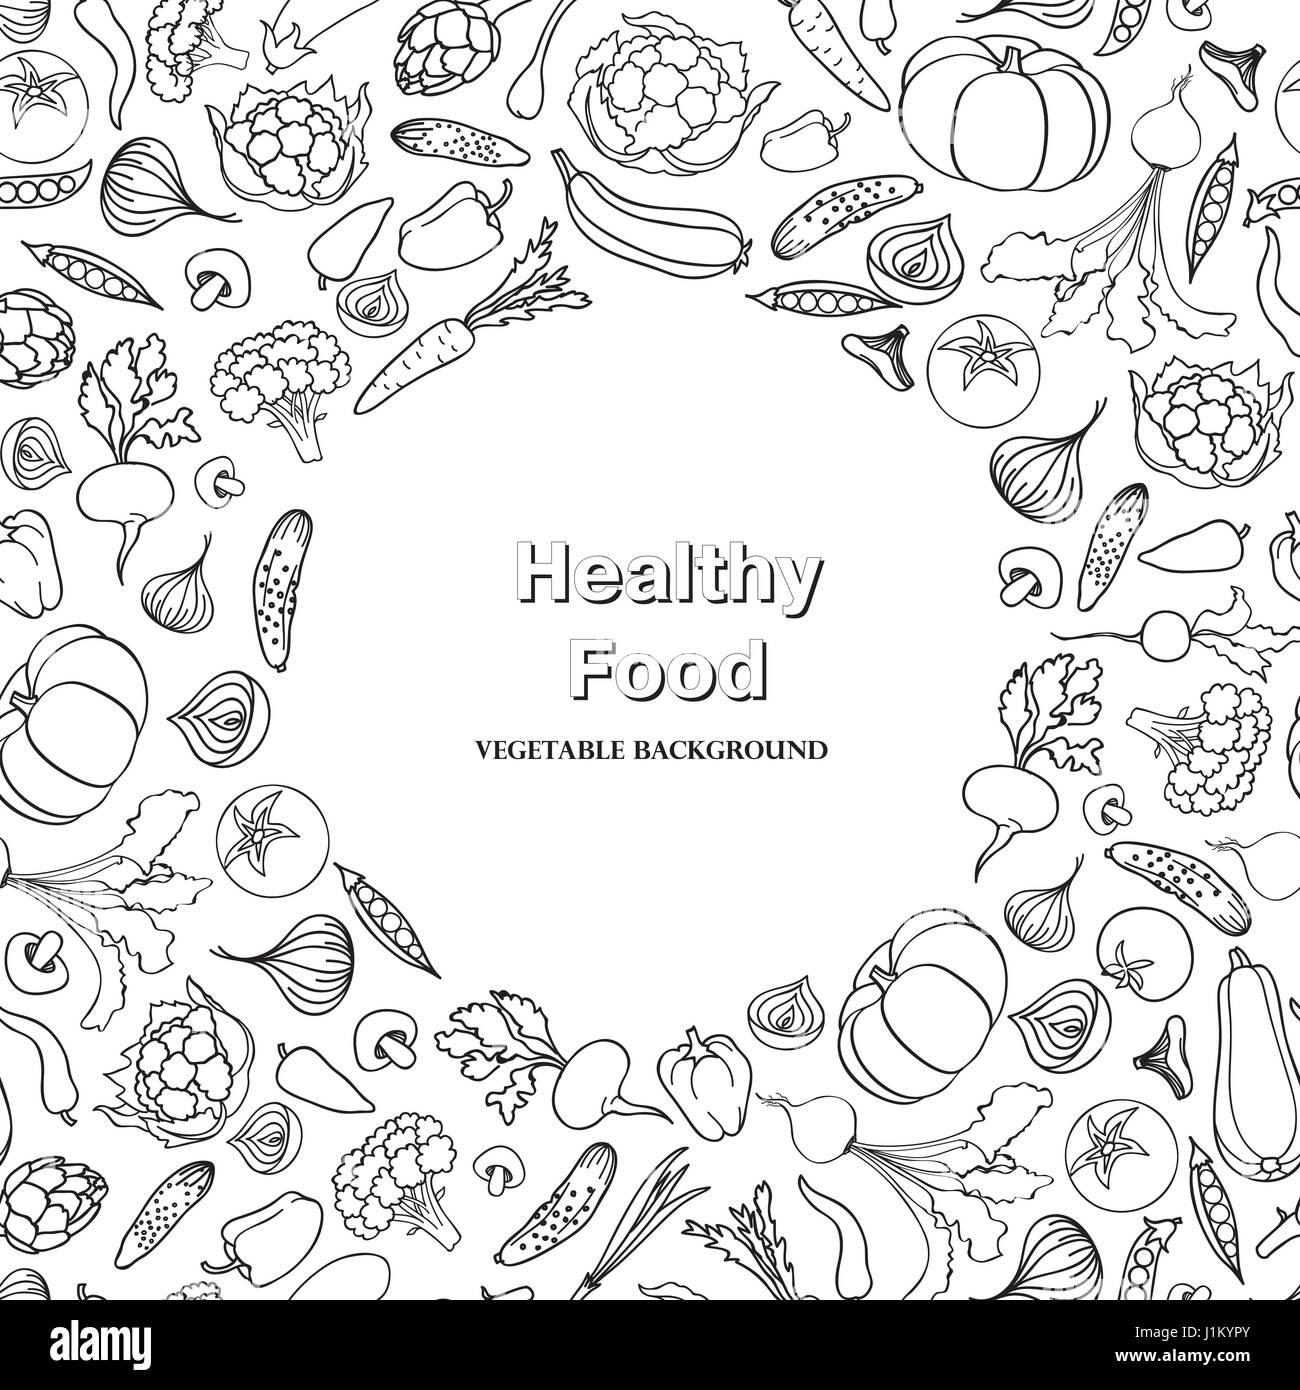 Vegetable Background Healthy Food Frame Decor Food